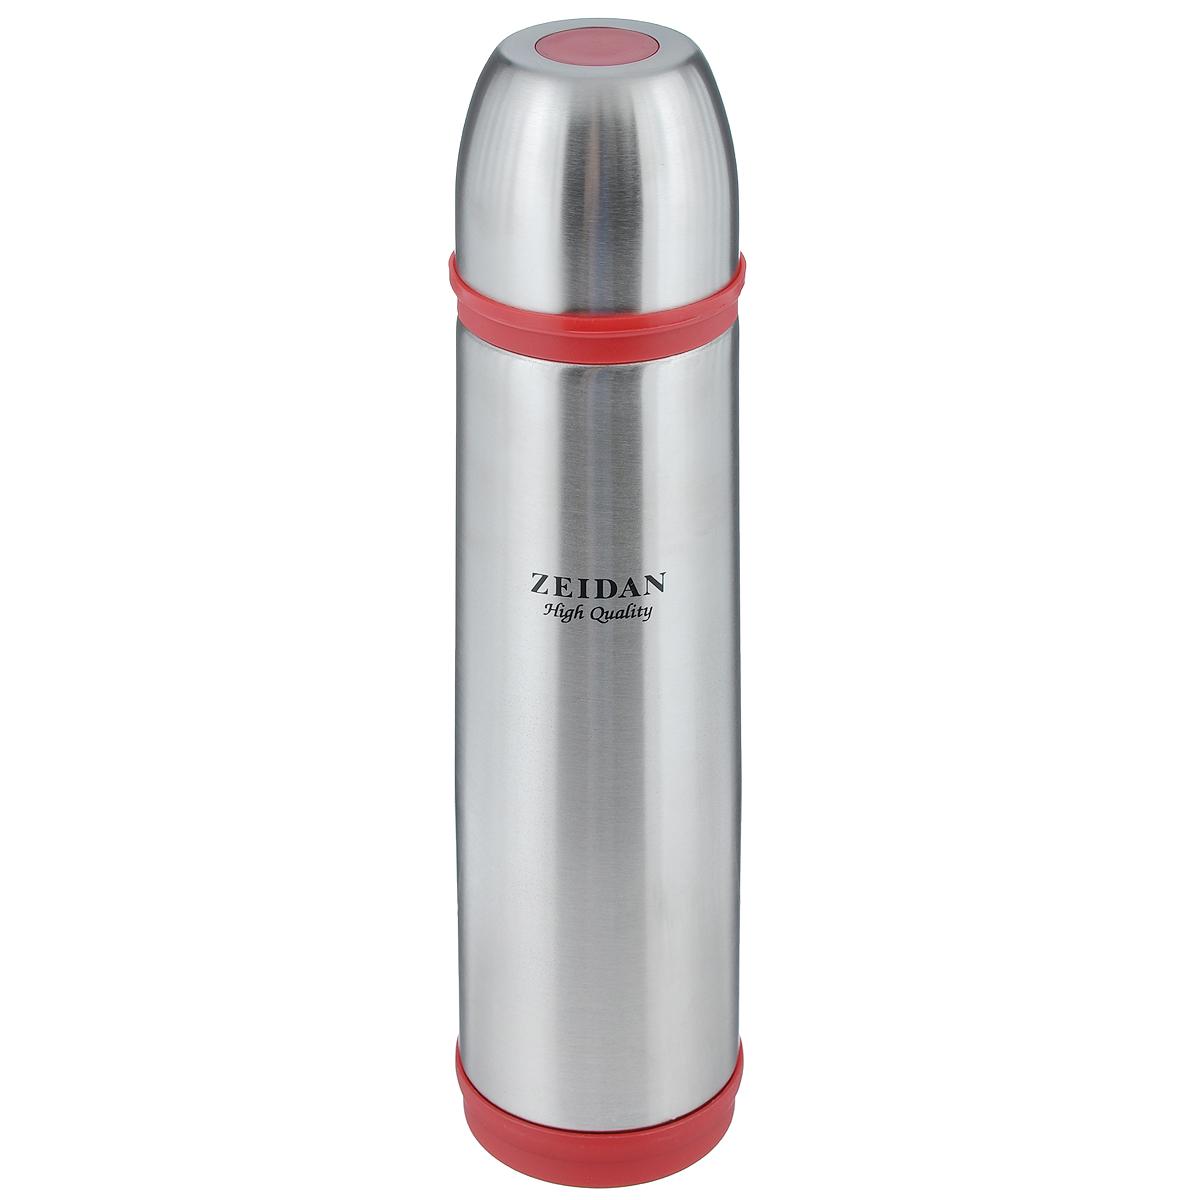 Термос Zeidan, цвет: красный, серебристый, 1 лVT-1520(SR)Термос с узким горлом Zeidan, изготовленный из высококачественной нержавеющей стали, является простым в использовании, экономичным и многофункциональным. Термос с двухстеночной вакуумной изоляцией, предназначенный для хранения горячих и холодных напитков (чая, кофе). Изделие укомплектовано пробкой с кнопкой. Такая пробка удобна в использовании и позволяет, не отвинчивая ее, наливать напитки после простого нажатия. Изделие также оснащено крышкой-чашкой. Легкий и прочный термос Zeidan сохранит ваши напитки горячими или холодными надолго.Высота (с учетом крышки): 33,5 см.Диаметр горлышка: 5 см.